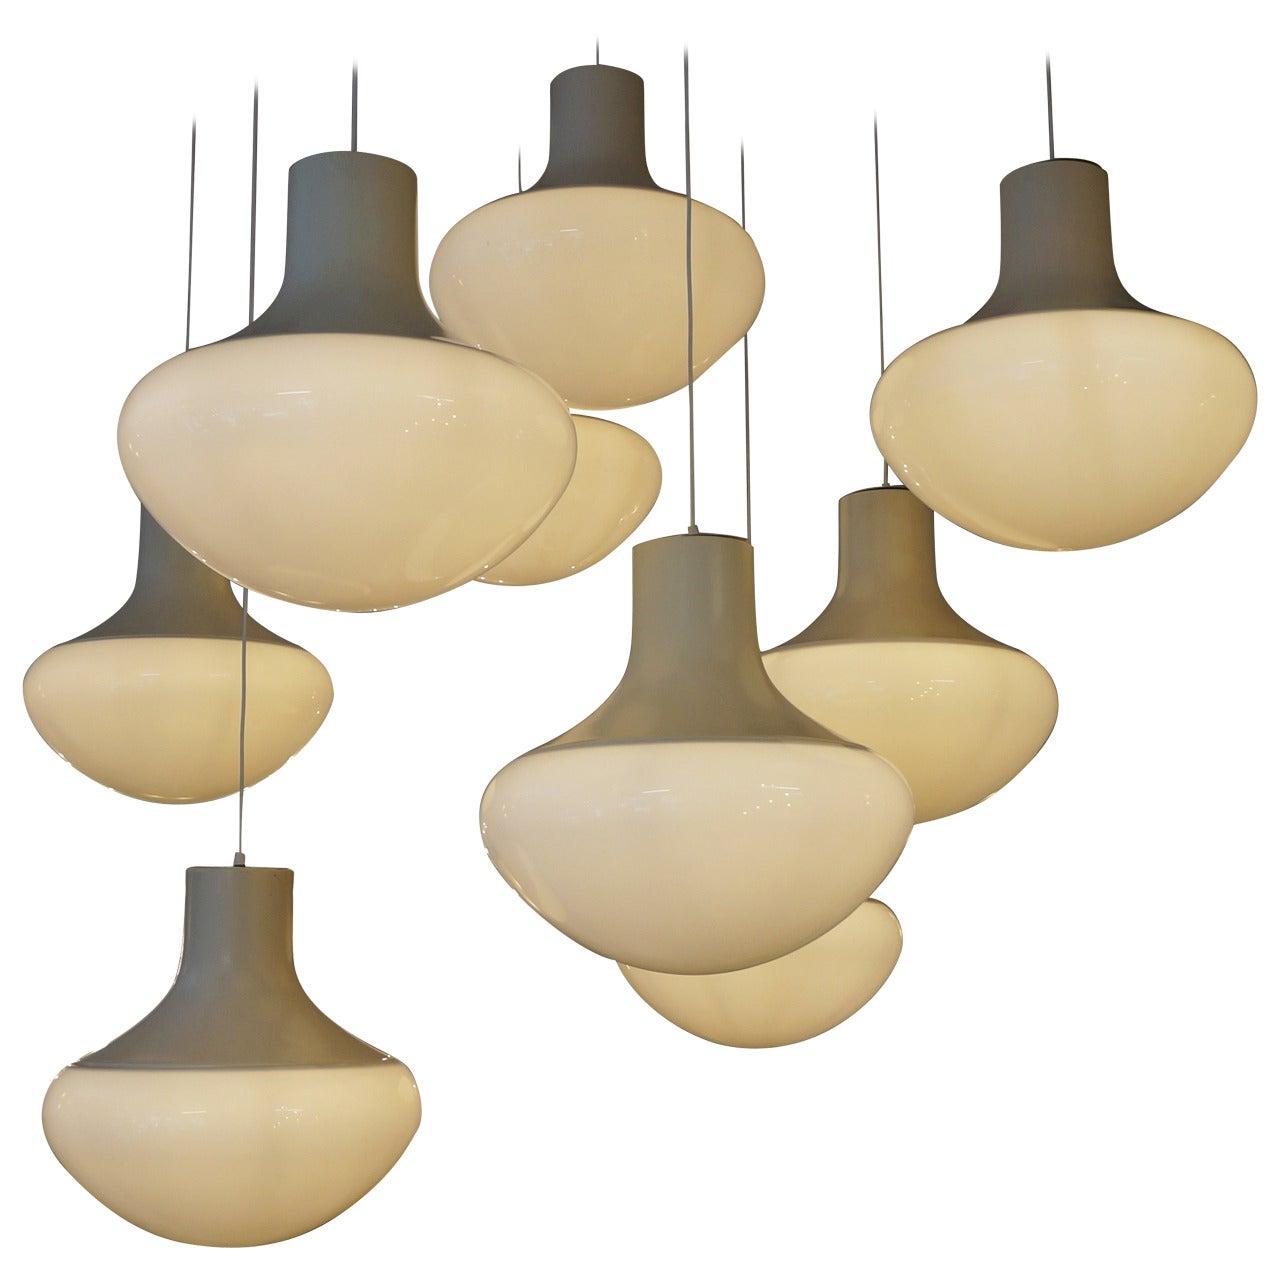 One of Three Mushroom Ceiling Lights